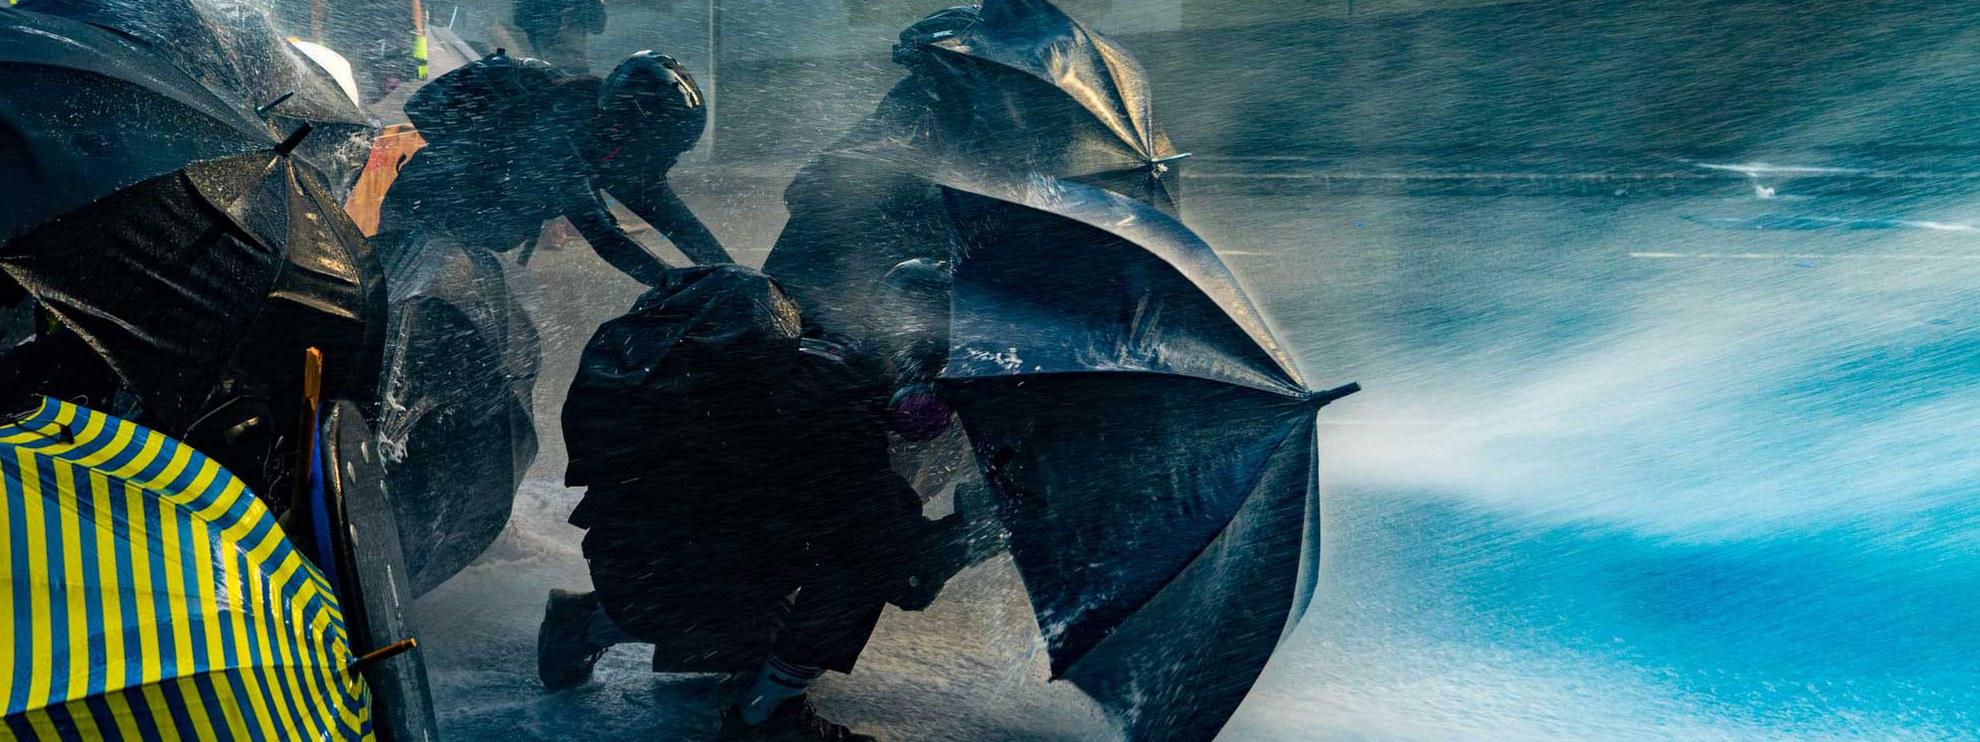 Depuis l'été 2019, des manifestations de masse pour plus de démocratie et contre l'influence croissante de la Chine dans la région administrative spéciale chinoise de Hong Kong ont été organisées et sont réprimées par les autorités. © Isaac Yeung / shutterstock.com